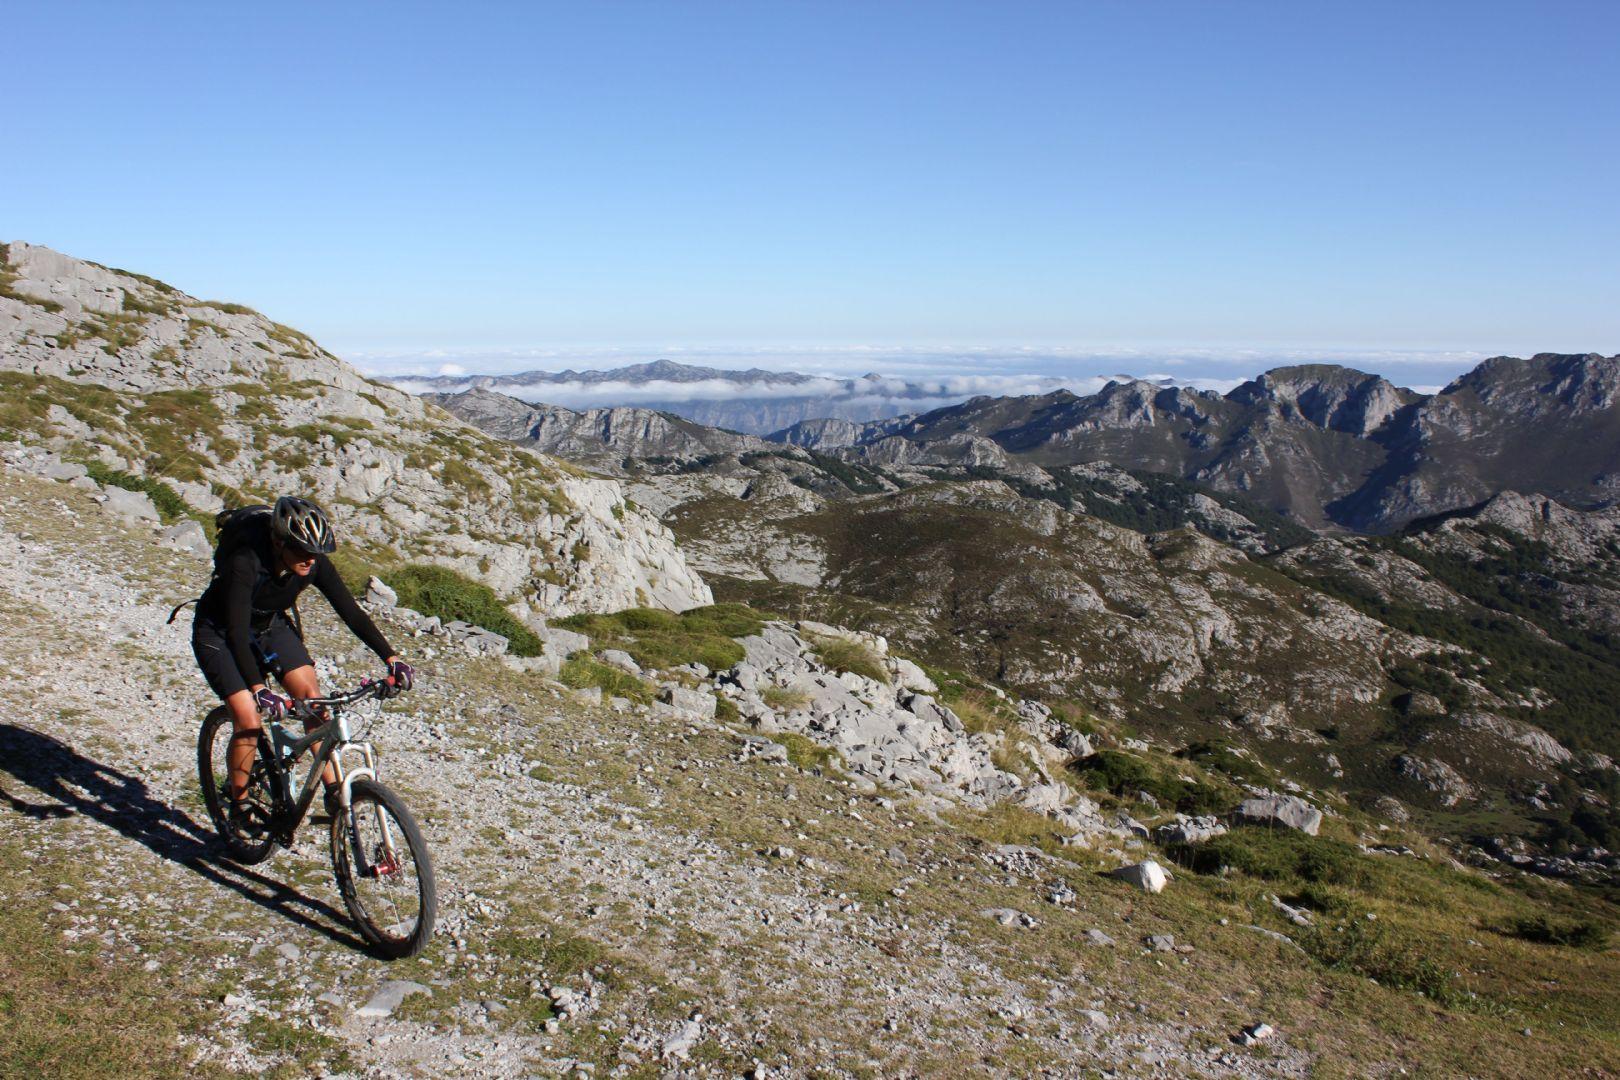 IMG_4702.JPG - Spain - Picos de Europa - Trans Picos - Guided Mountain Bike Holiday - Mountain Biking